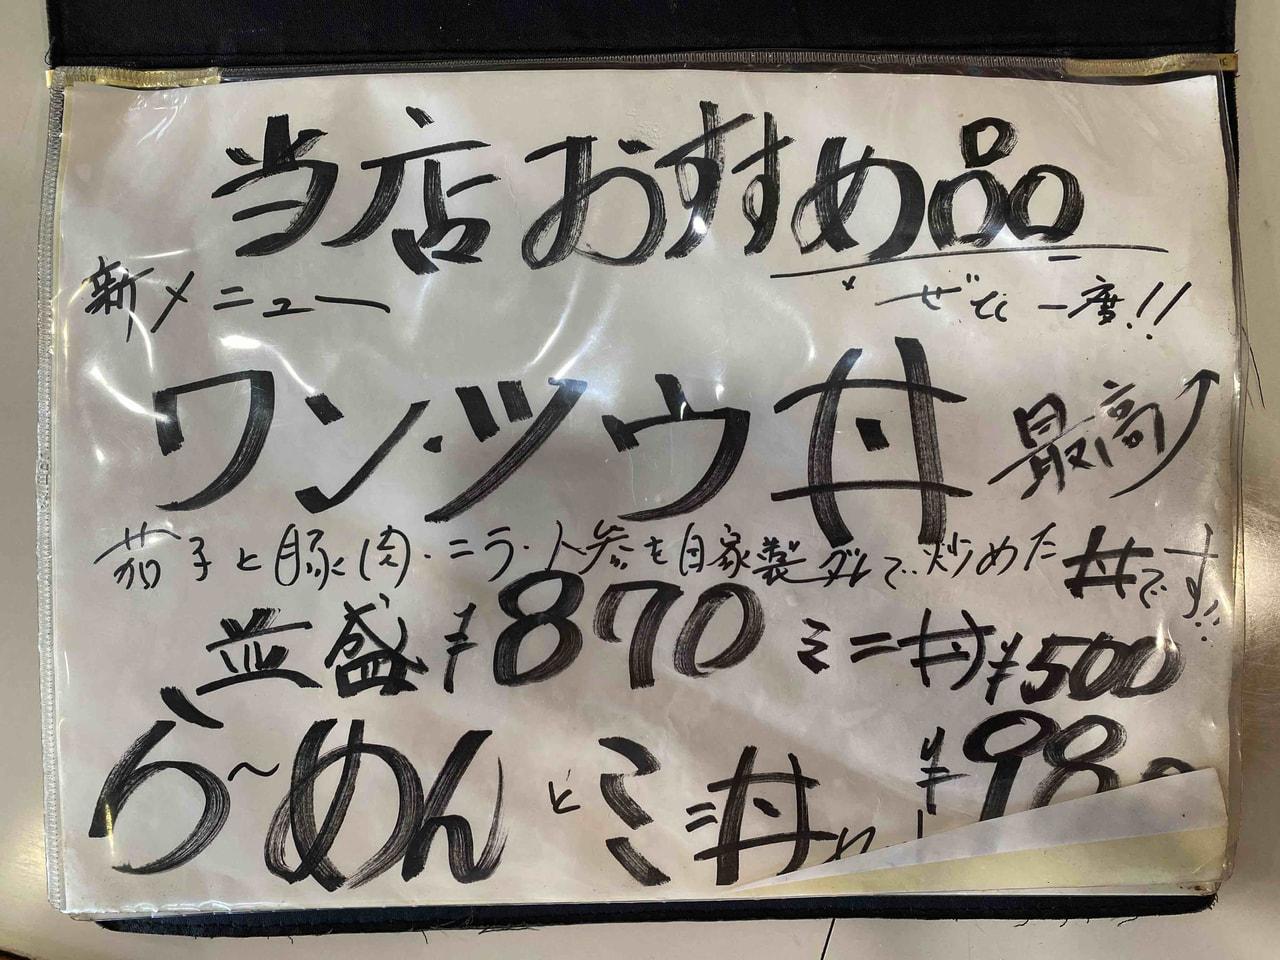 ワン・ツウらーめん(朝霞市)のテイクアウトできるお弁当